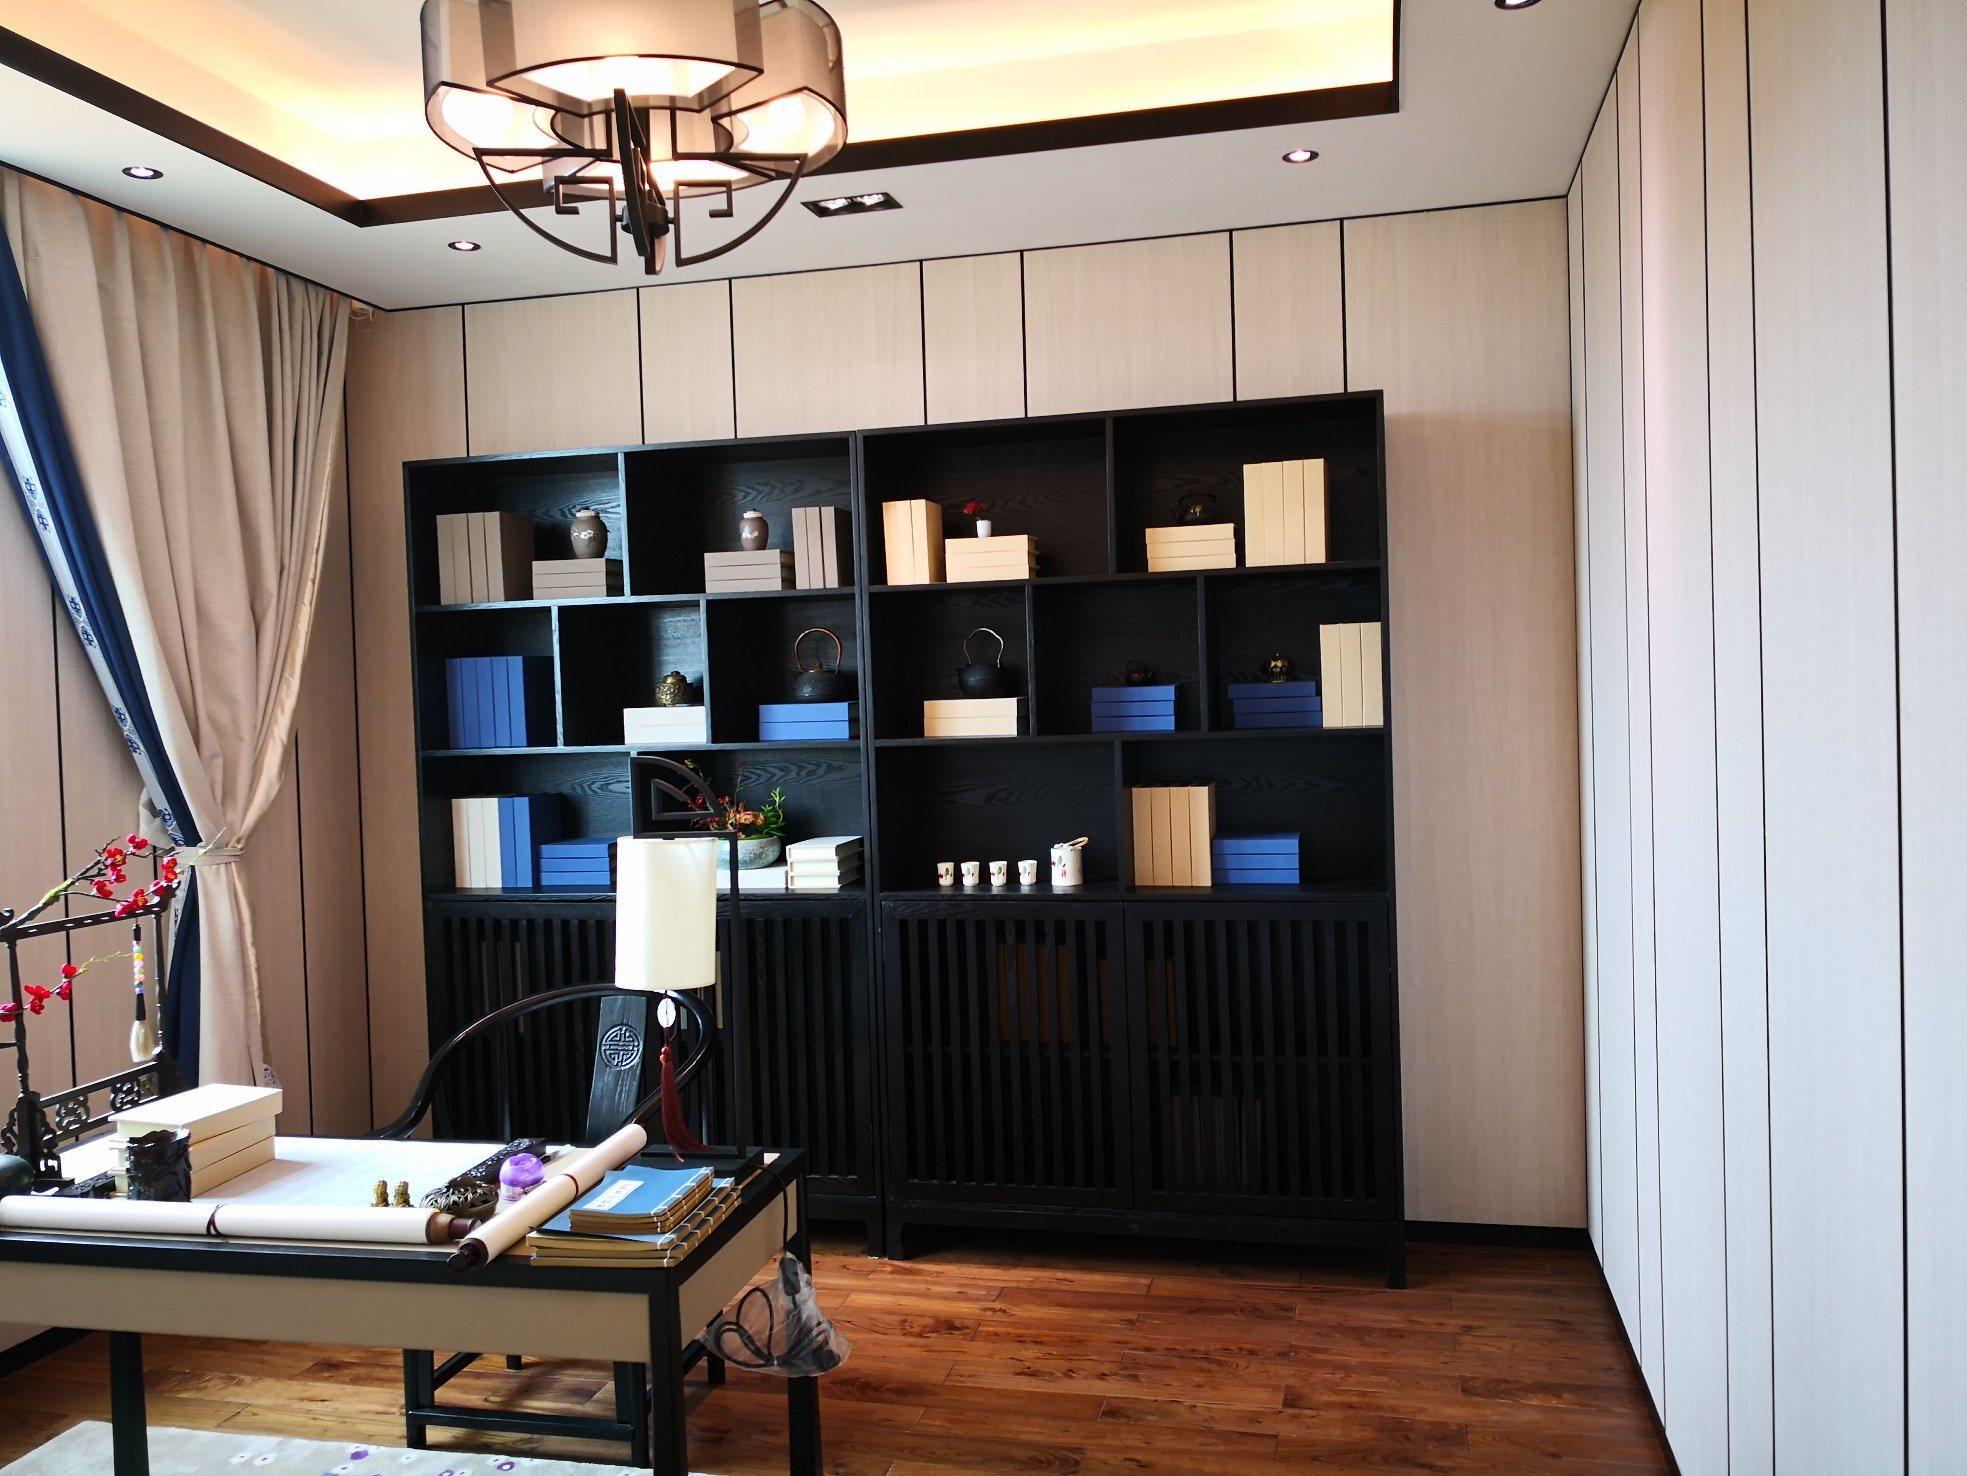 Fire Retardant House Decor PVC Composite Exterior Wall Cladding for Interior Decoration